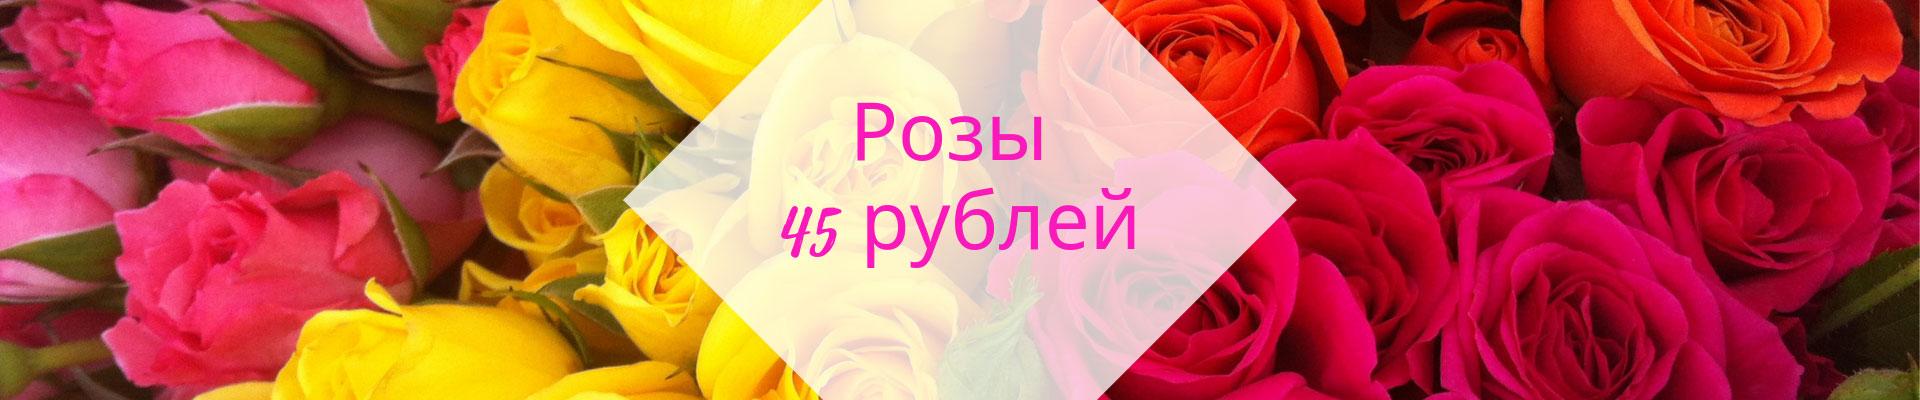 Розы 45